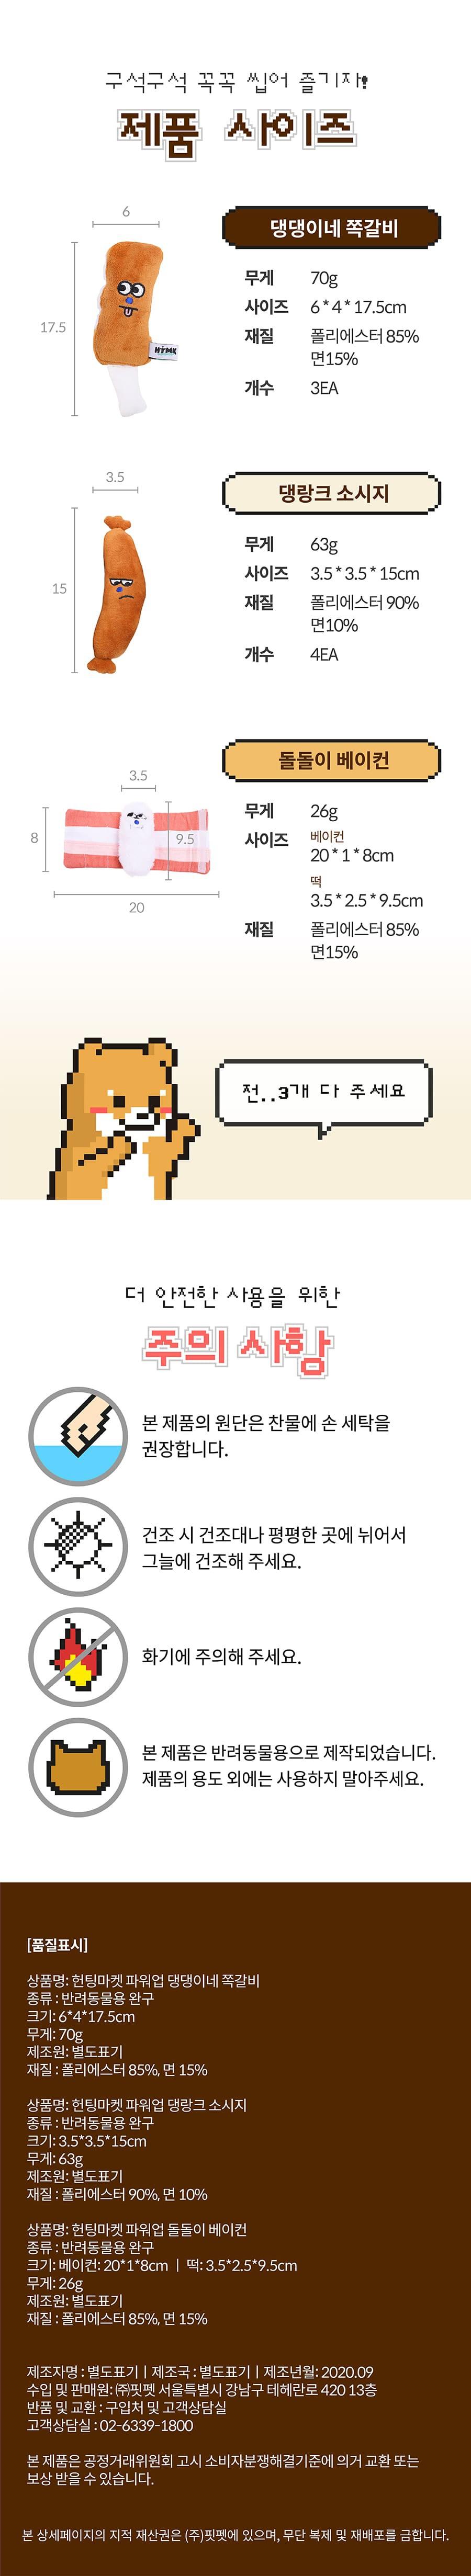 헌팅마켓 파워업 고기 3종-상품이미지-11